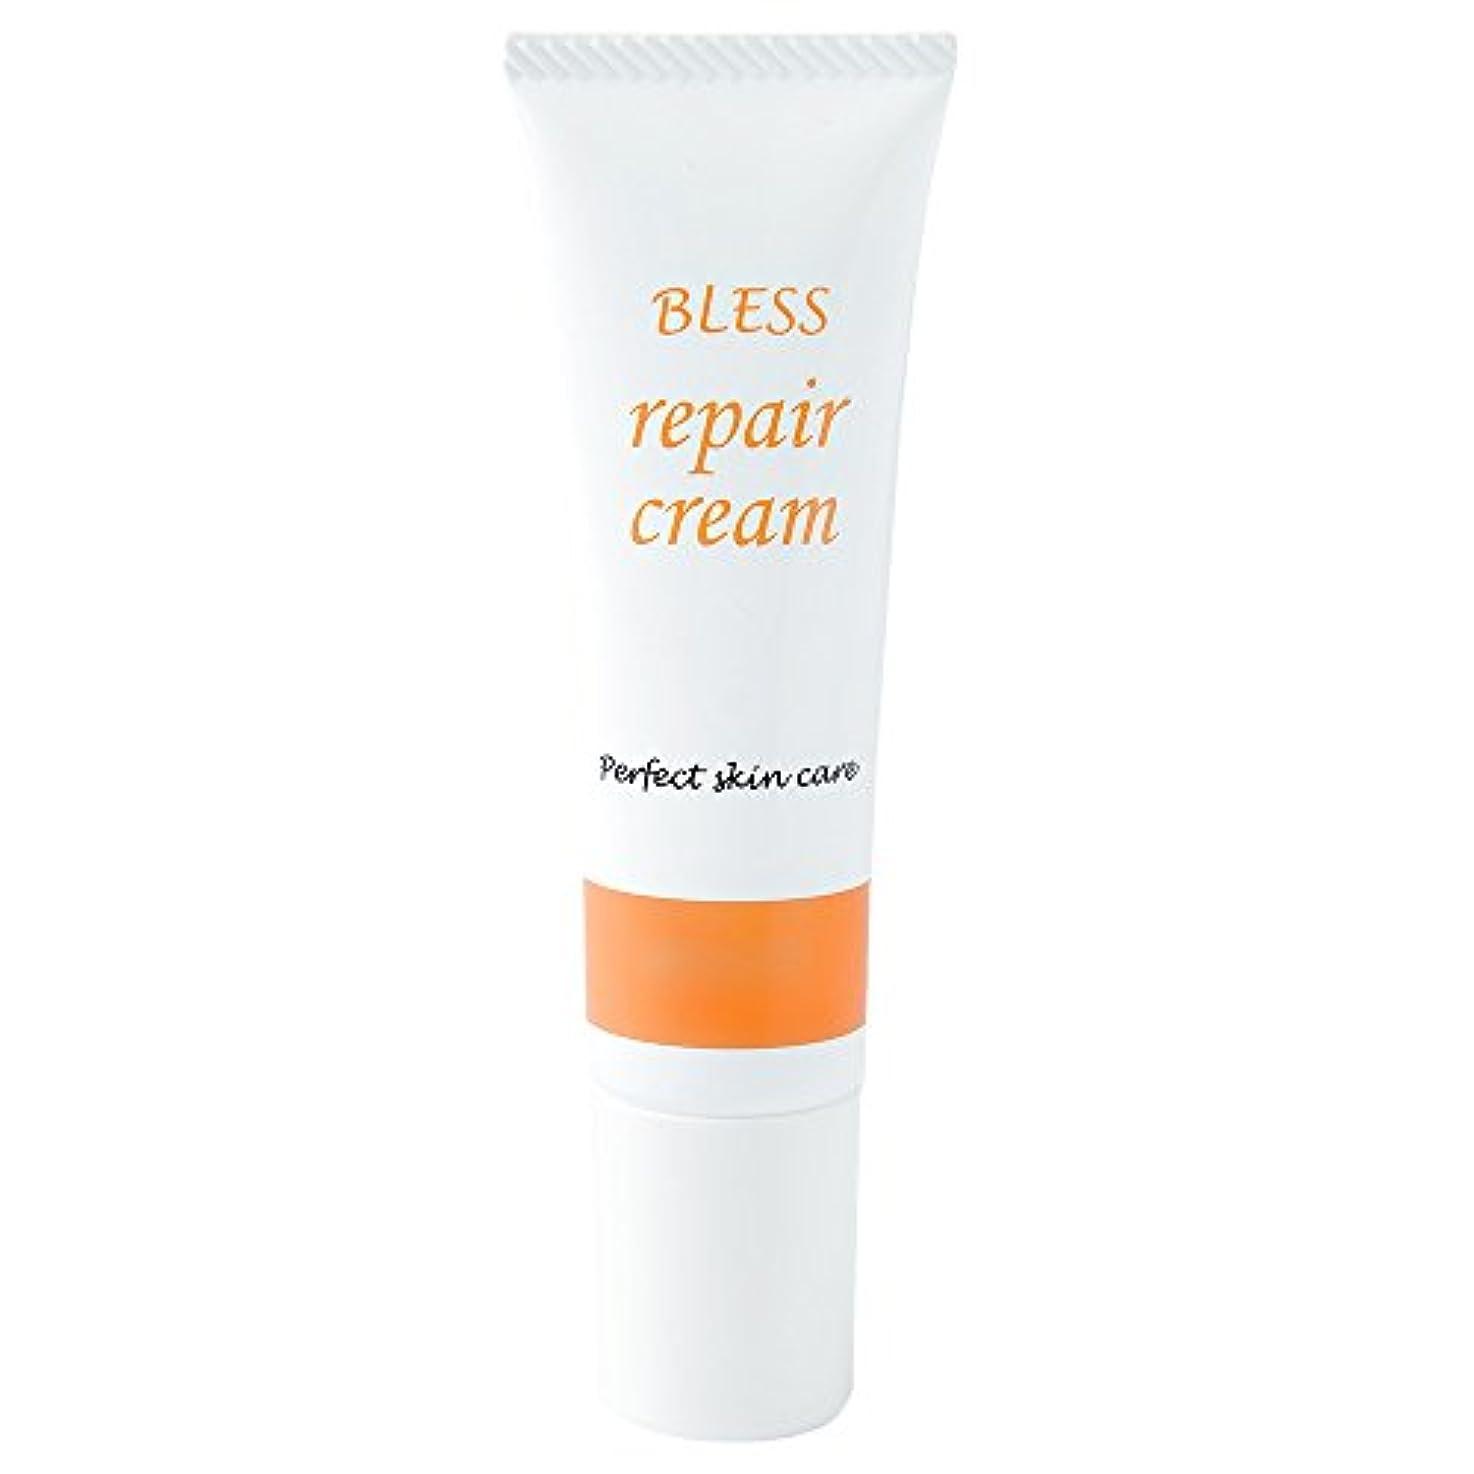 ペルーたくさんの出します【BLESS】 しわ 対策用 エイジング リペアクリーム 30g 無添加 抗シワ評価試験済み製品 日本製 美容液